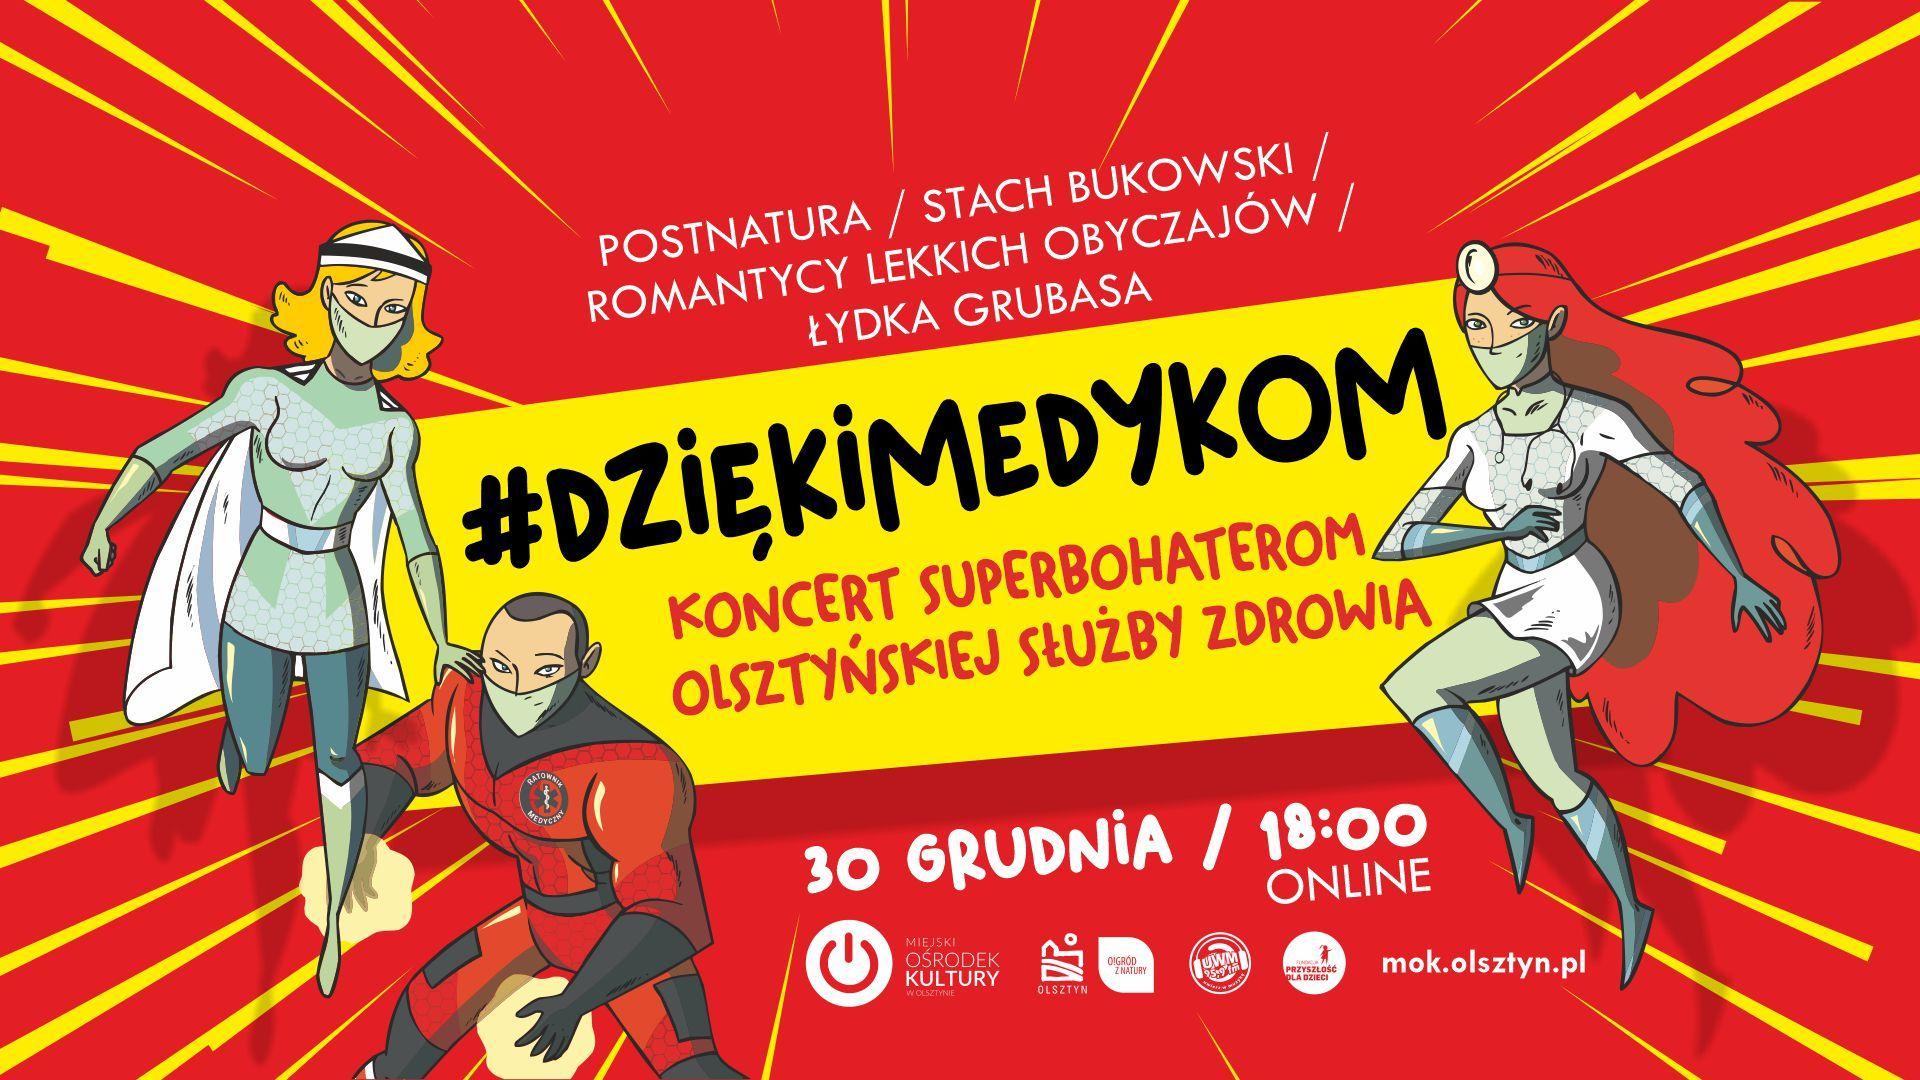 Koncert online #DziękiMedykom: Łydka Grubasa, Romantycy Lekkich Obyczajów, Stach Bukowski, Postnatura